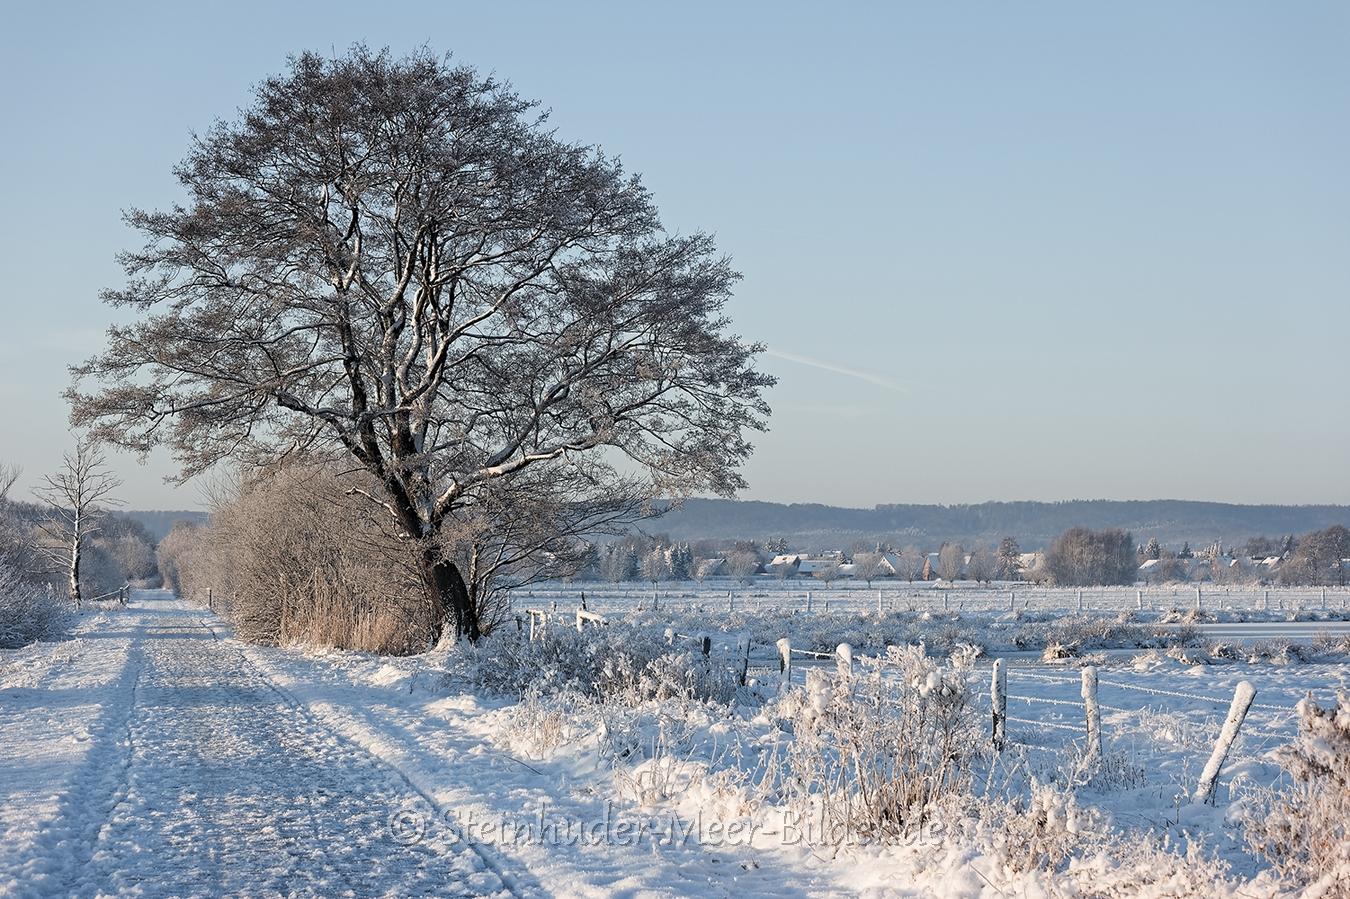 meerbruchswiesen-winter-steinhuder-meer-eis-schnee-zugefroren-eisdecke-naturpark-naturraum-region-B_SAM0417 Kopie